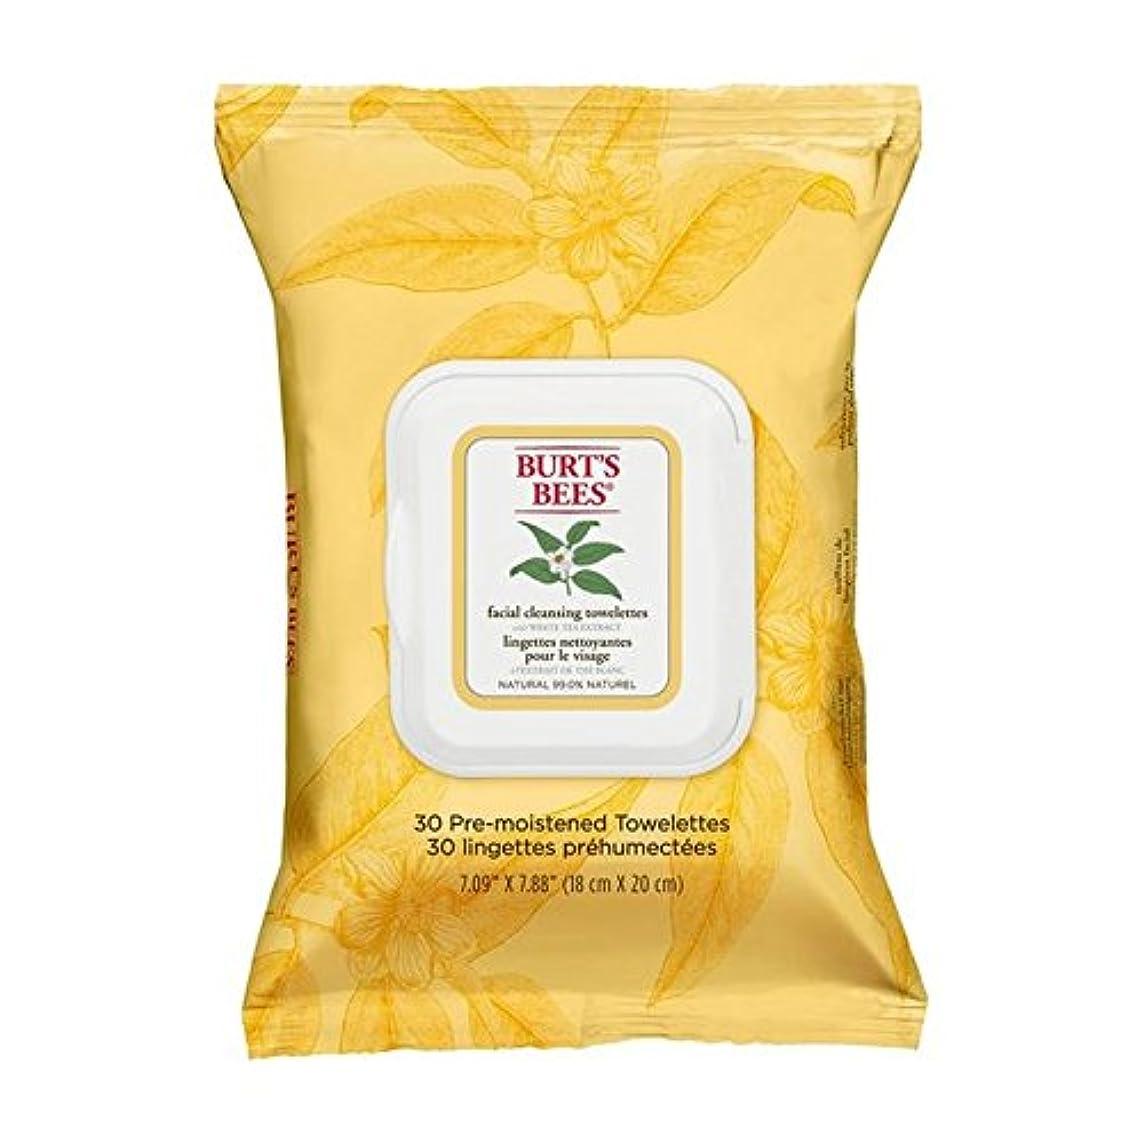 推測するラビリンスホストホワイトティーエキスとバーツビー洗顔ペーパータオル x4 - Burt's Bees Facial Cleansing Towelettes with White Tea Extract (Pack of 4) [並行輸入品]